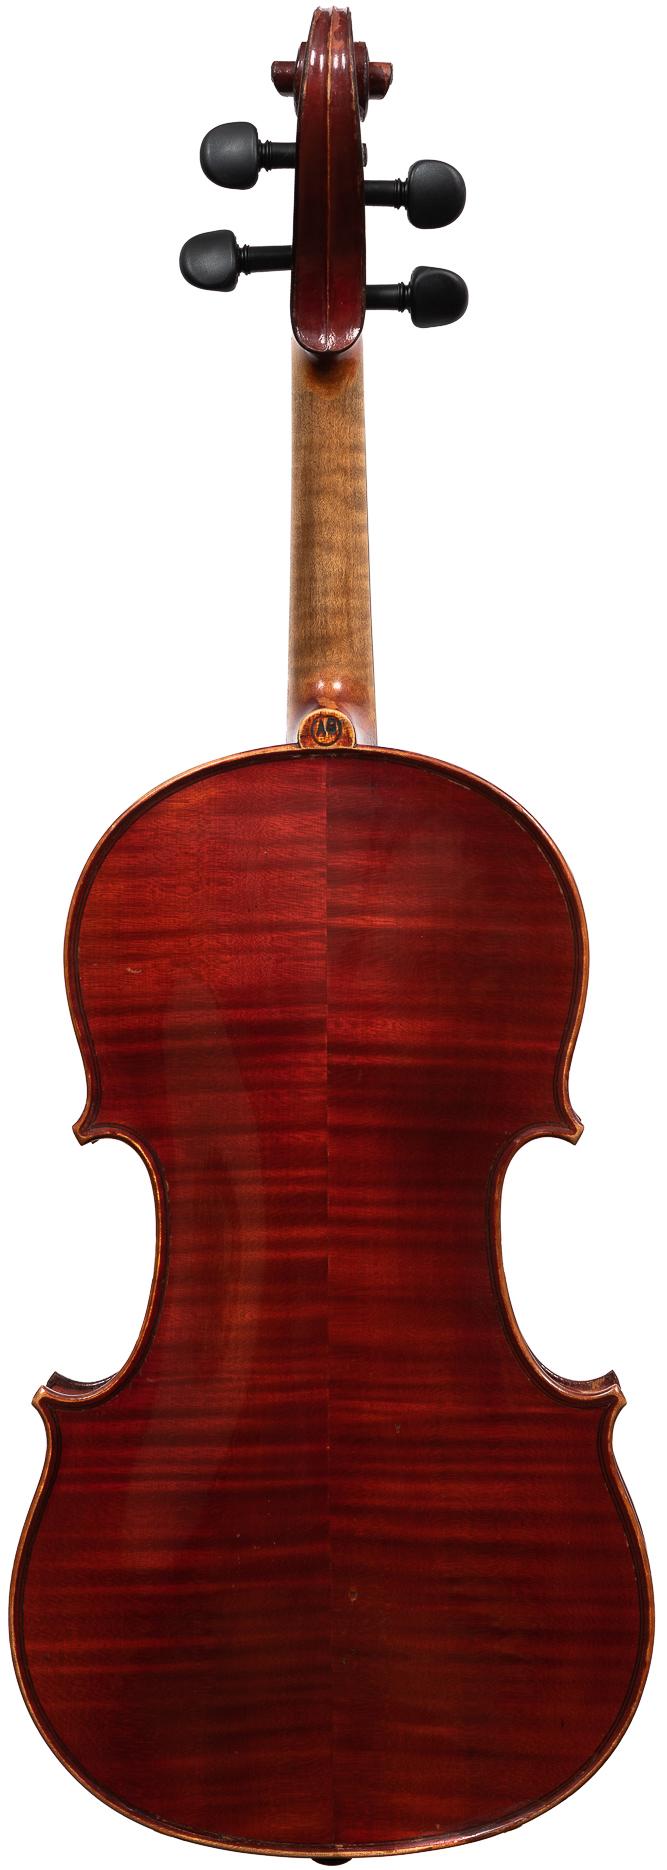 Violin Labeled 'Acoulon & Blondelet', Paris, 1920s